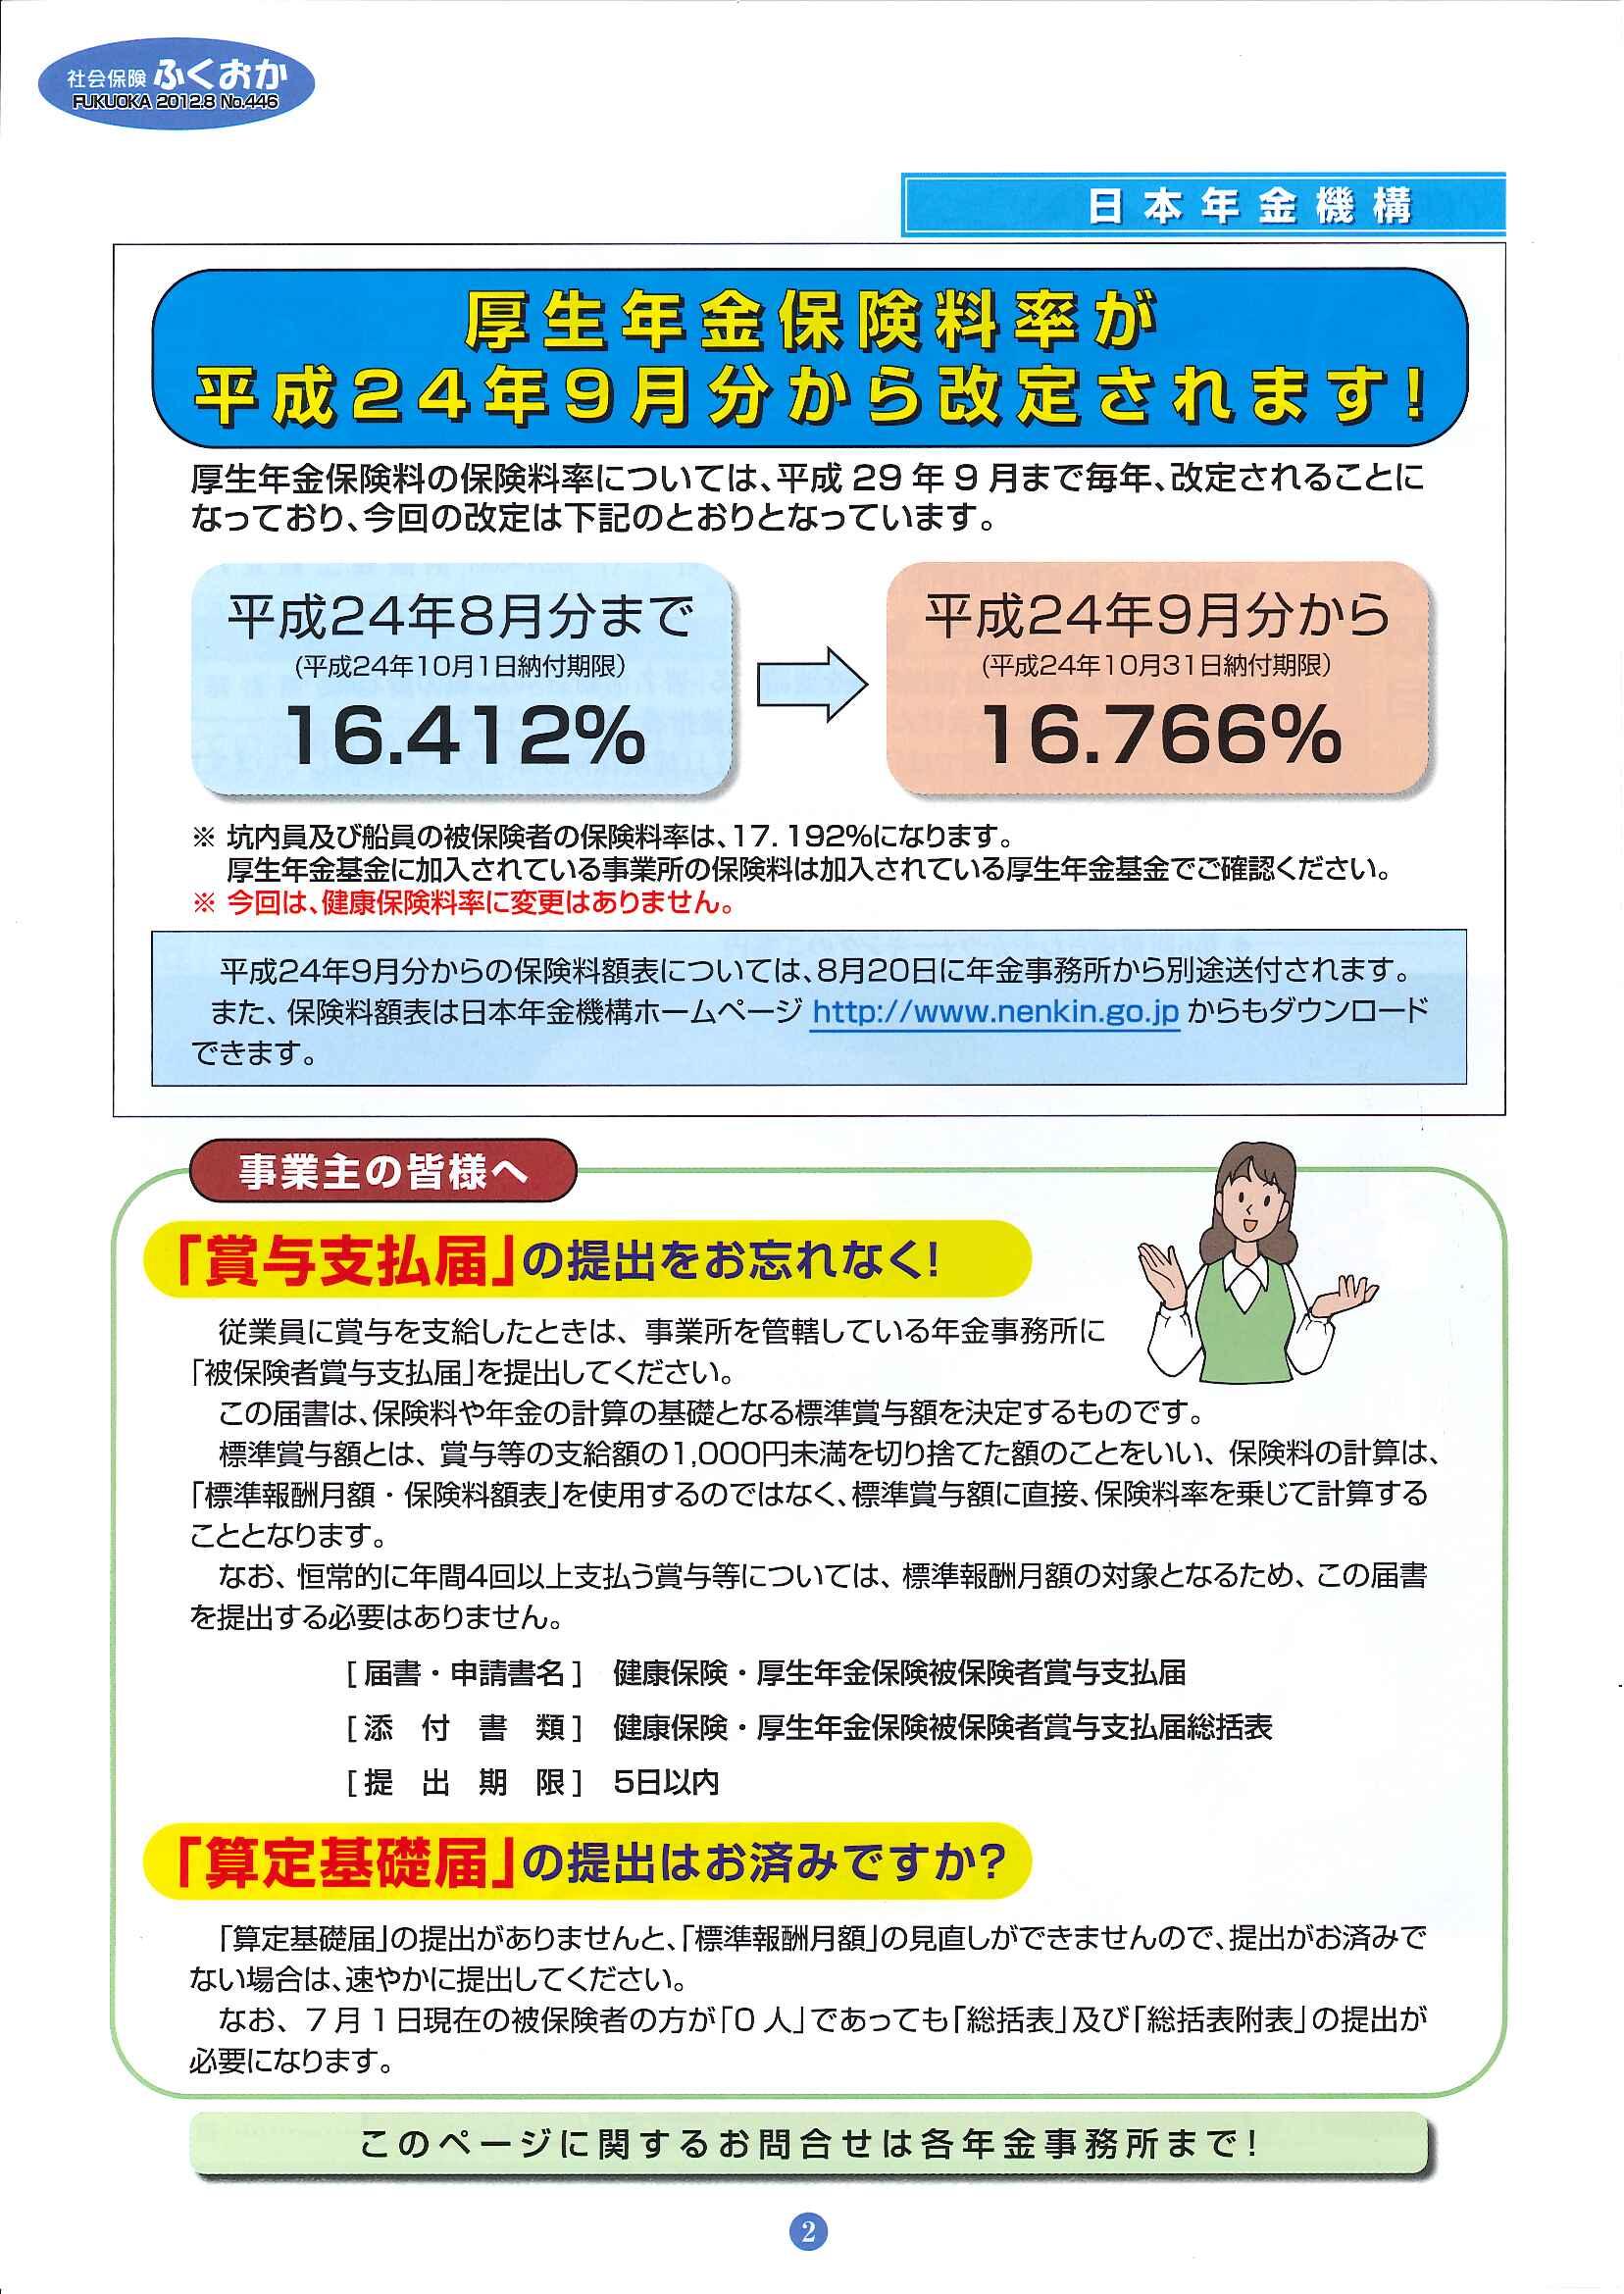 社会保険 ふくおか 2012 8月号_f0120774_14482871.jpg